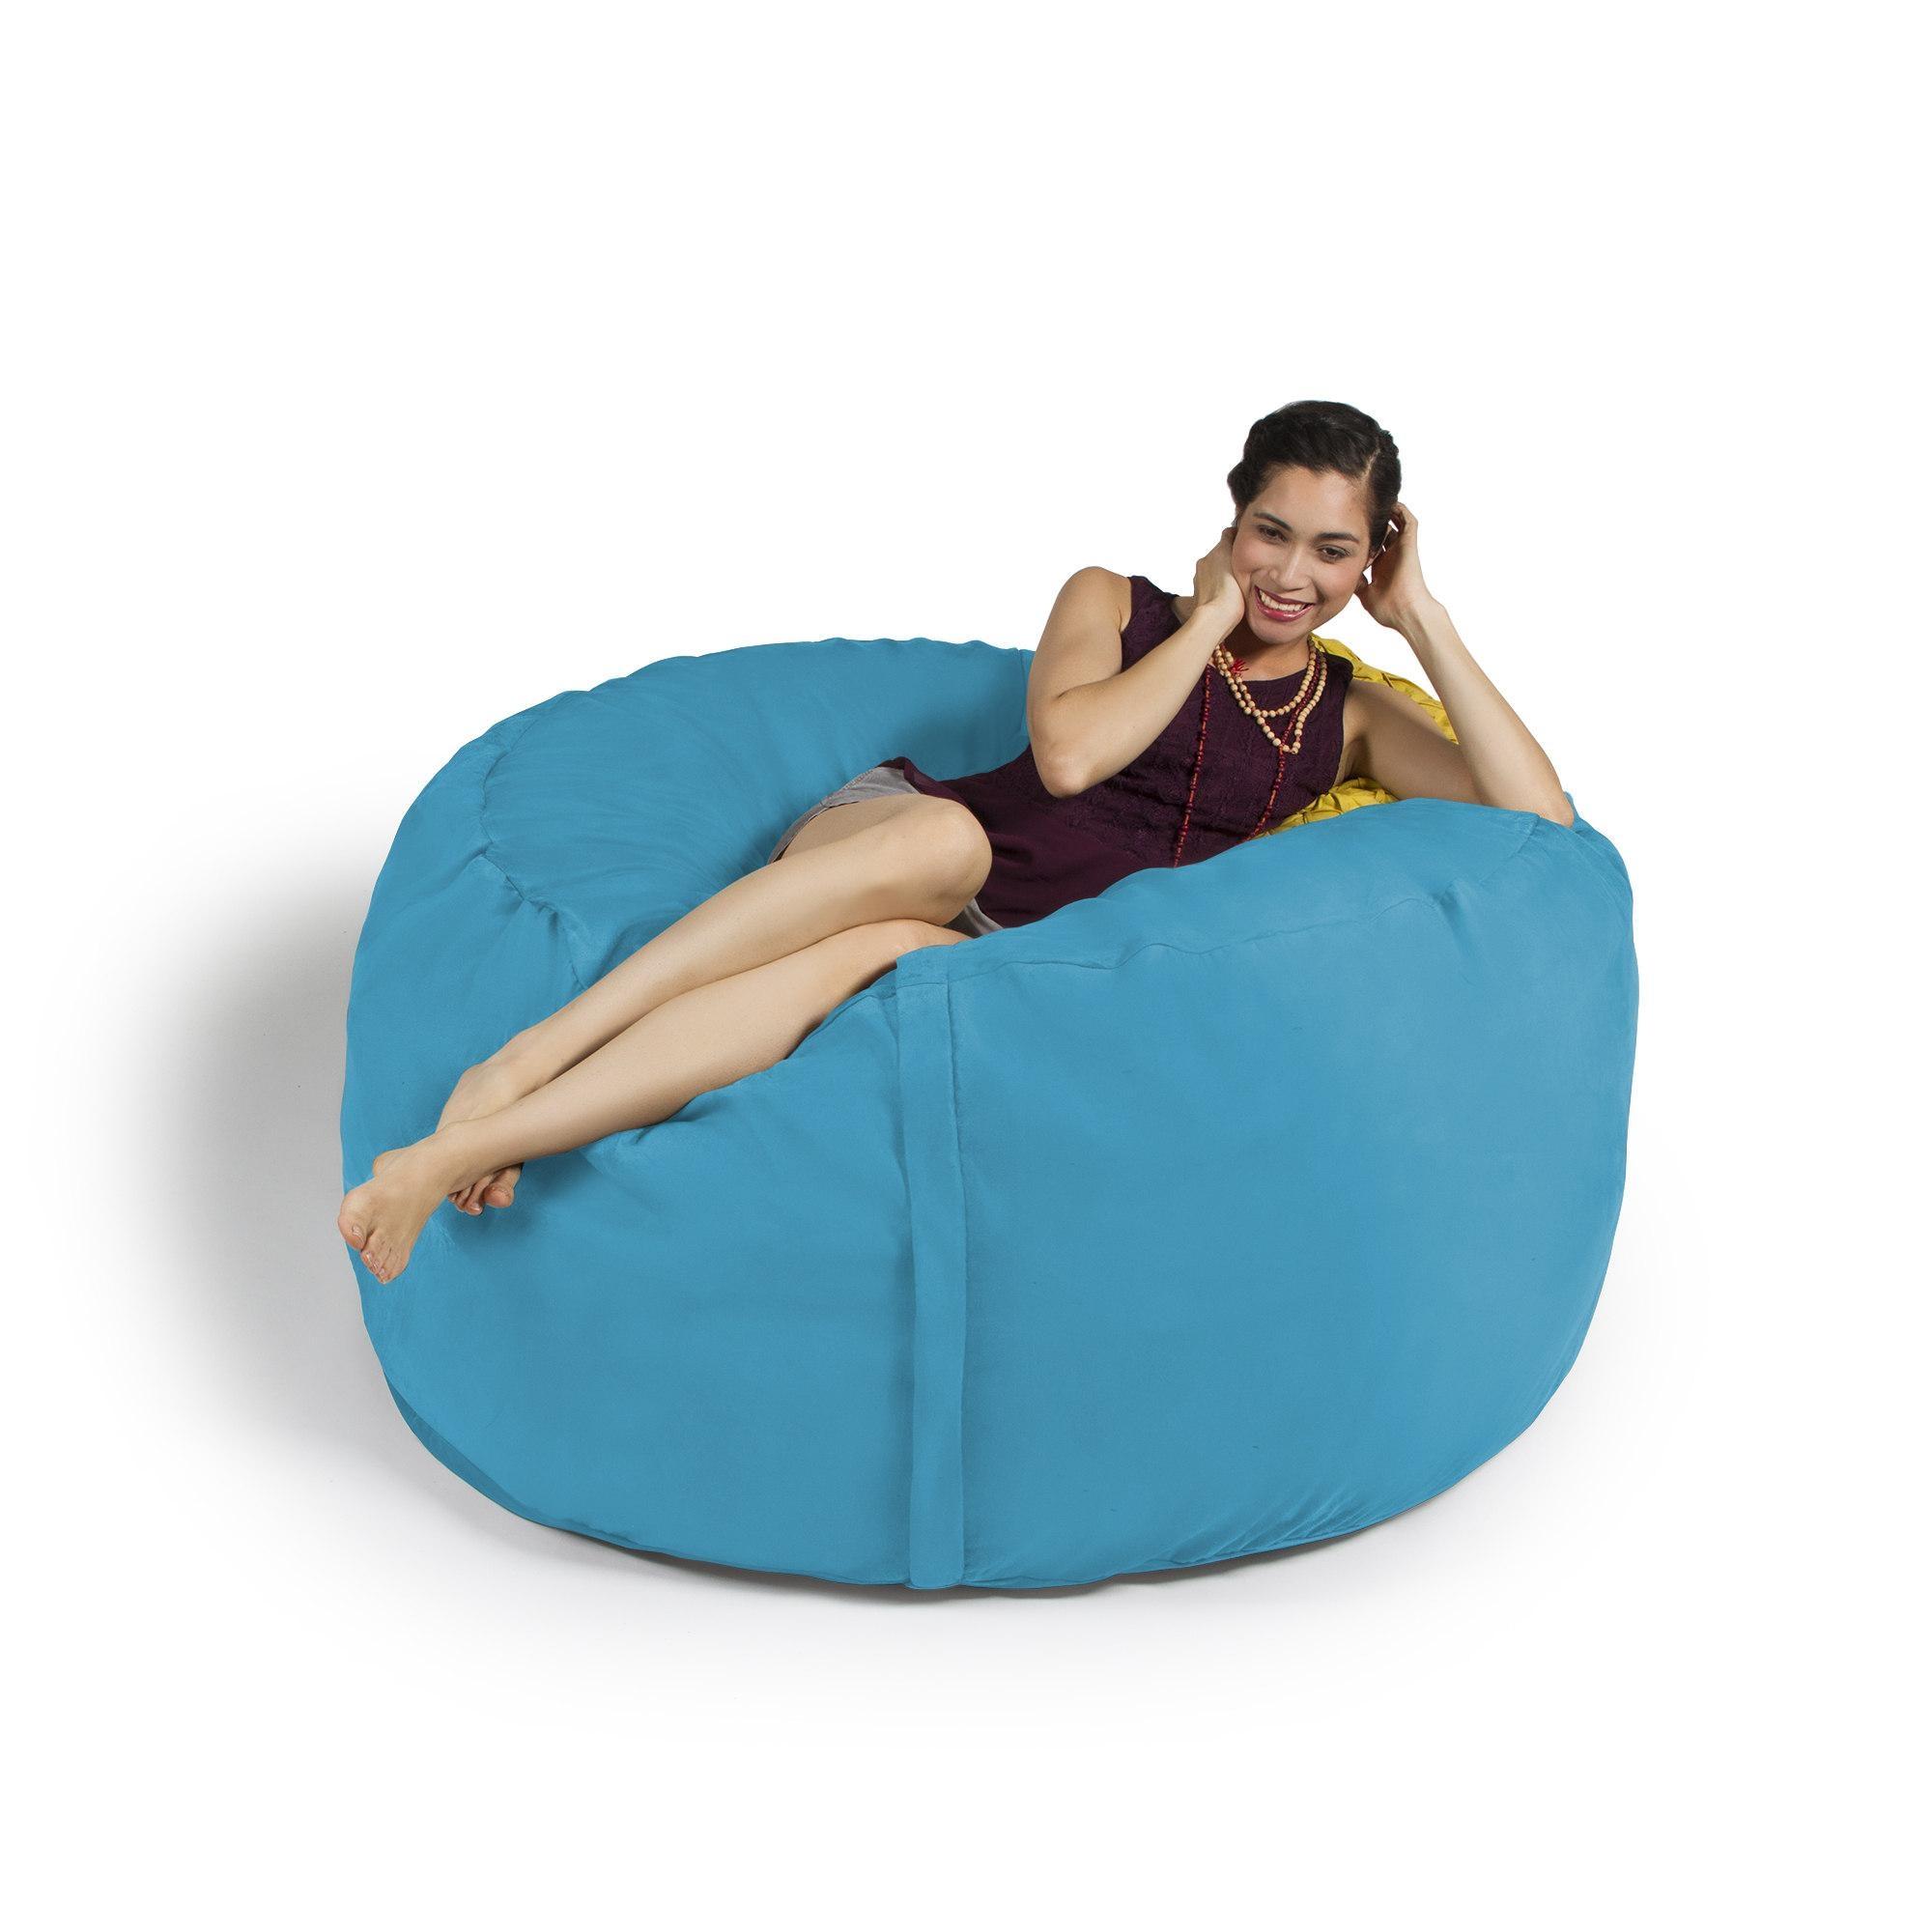 Jaxx 5 Ft. Giant Bean Bag Chair | Ebay for Giant Bean Bag Chairs